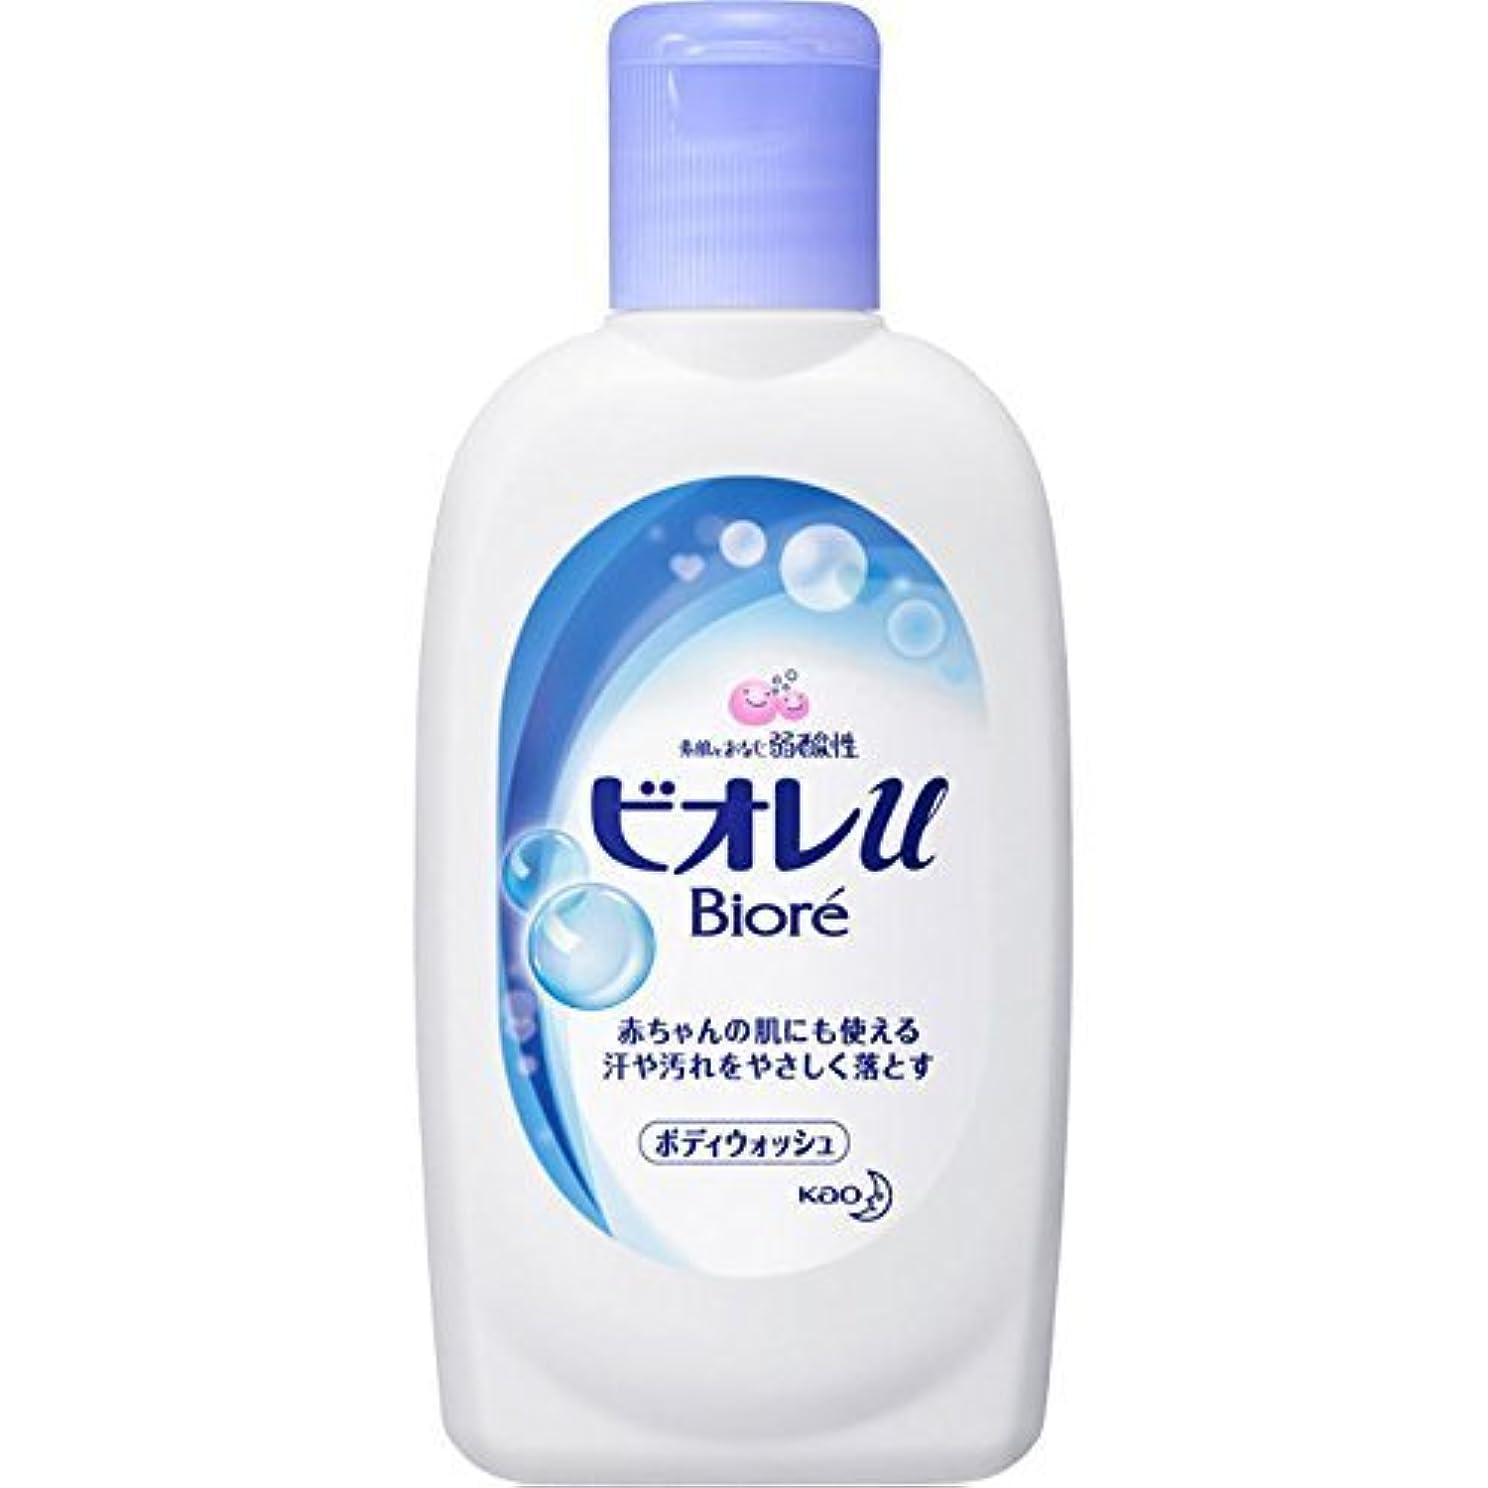 戻す商品シアー【花王】ビオレu ミニフレッシュフローラルの香り 90ml ×5個セット